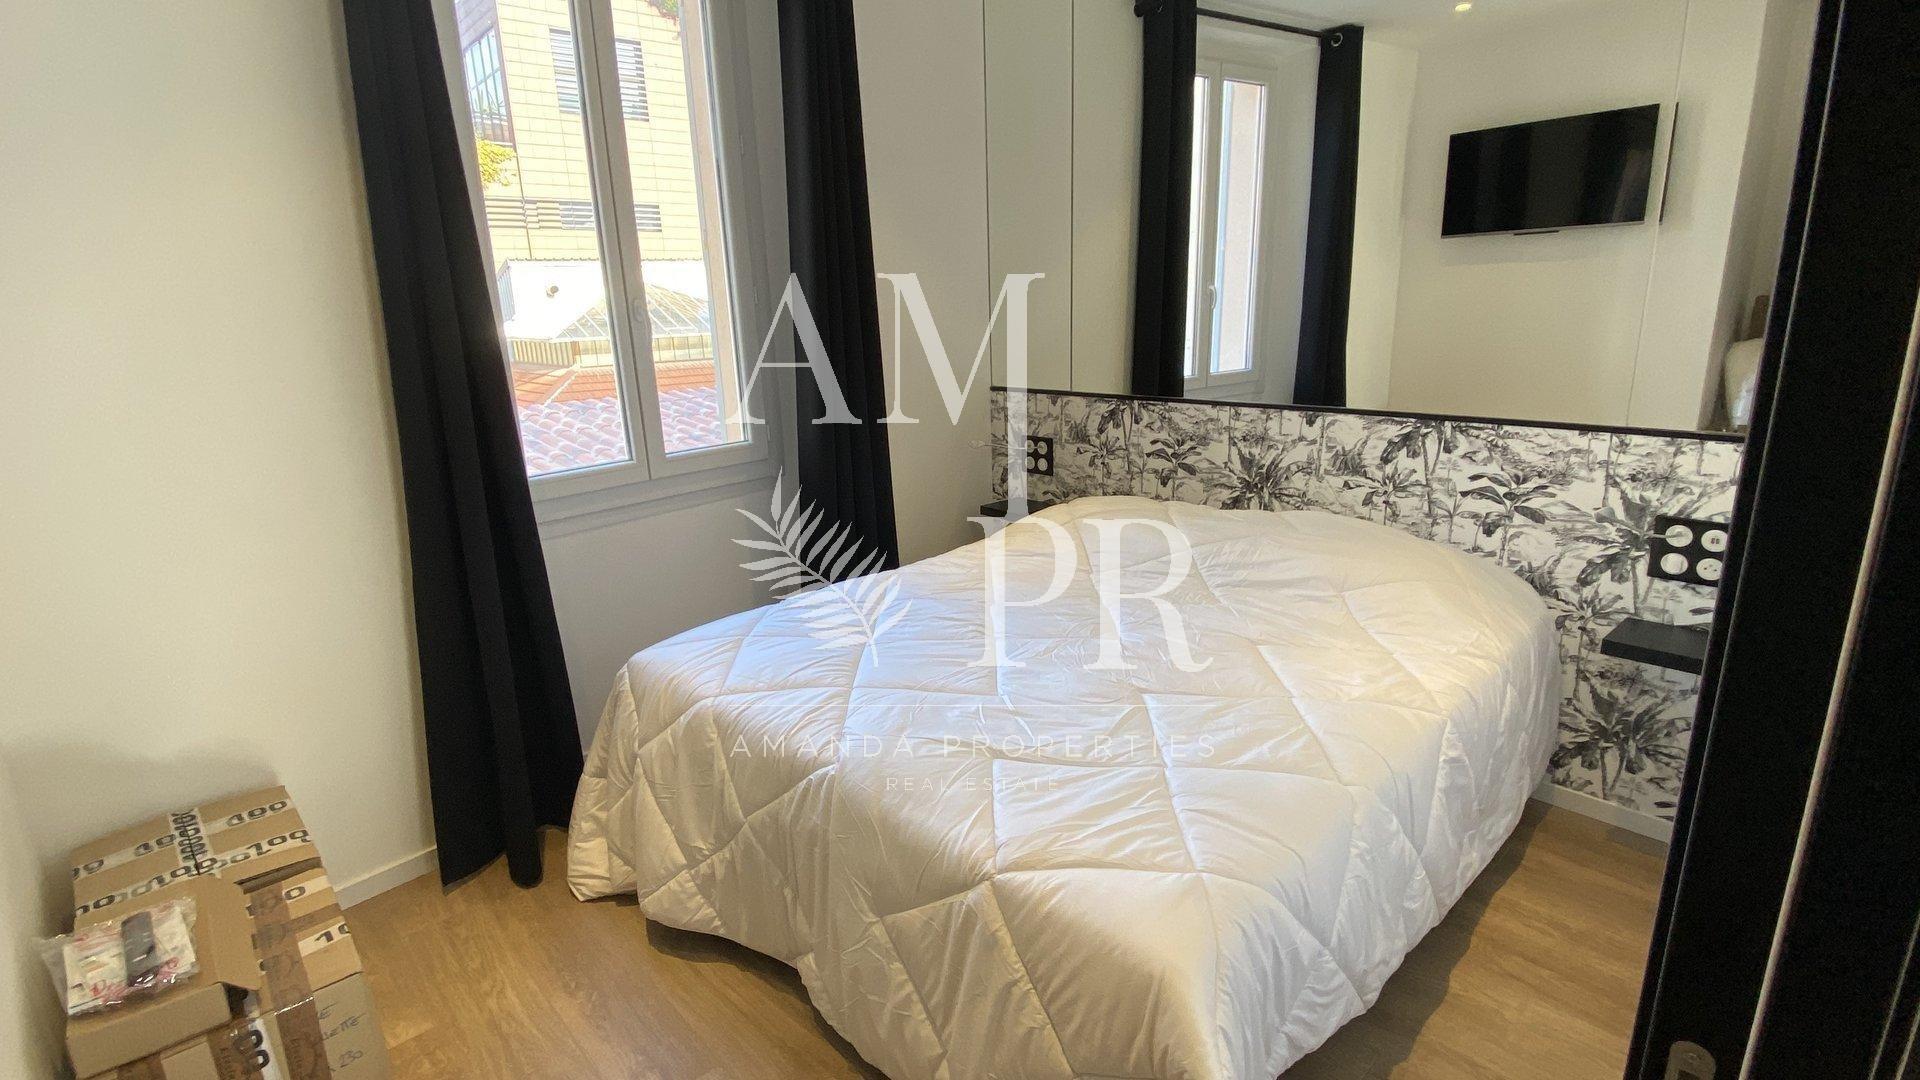 Cannes Banane - 3 chambres - Dernier étage - 8 couchages